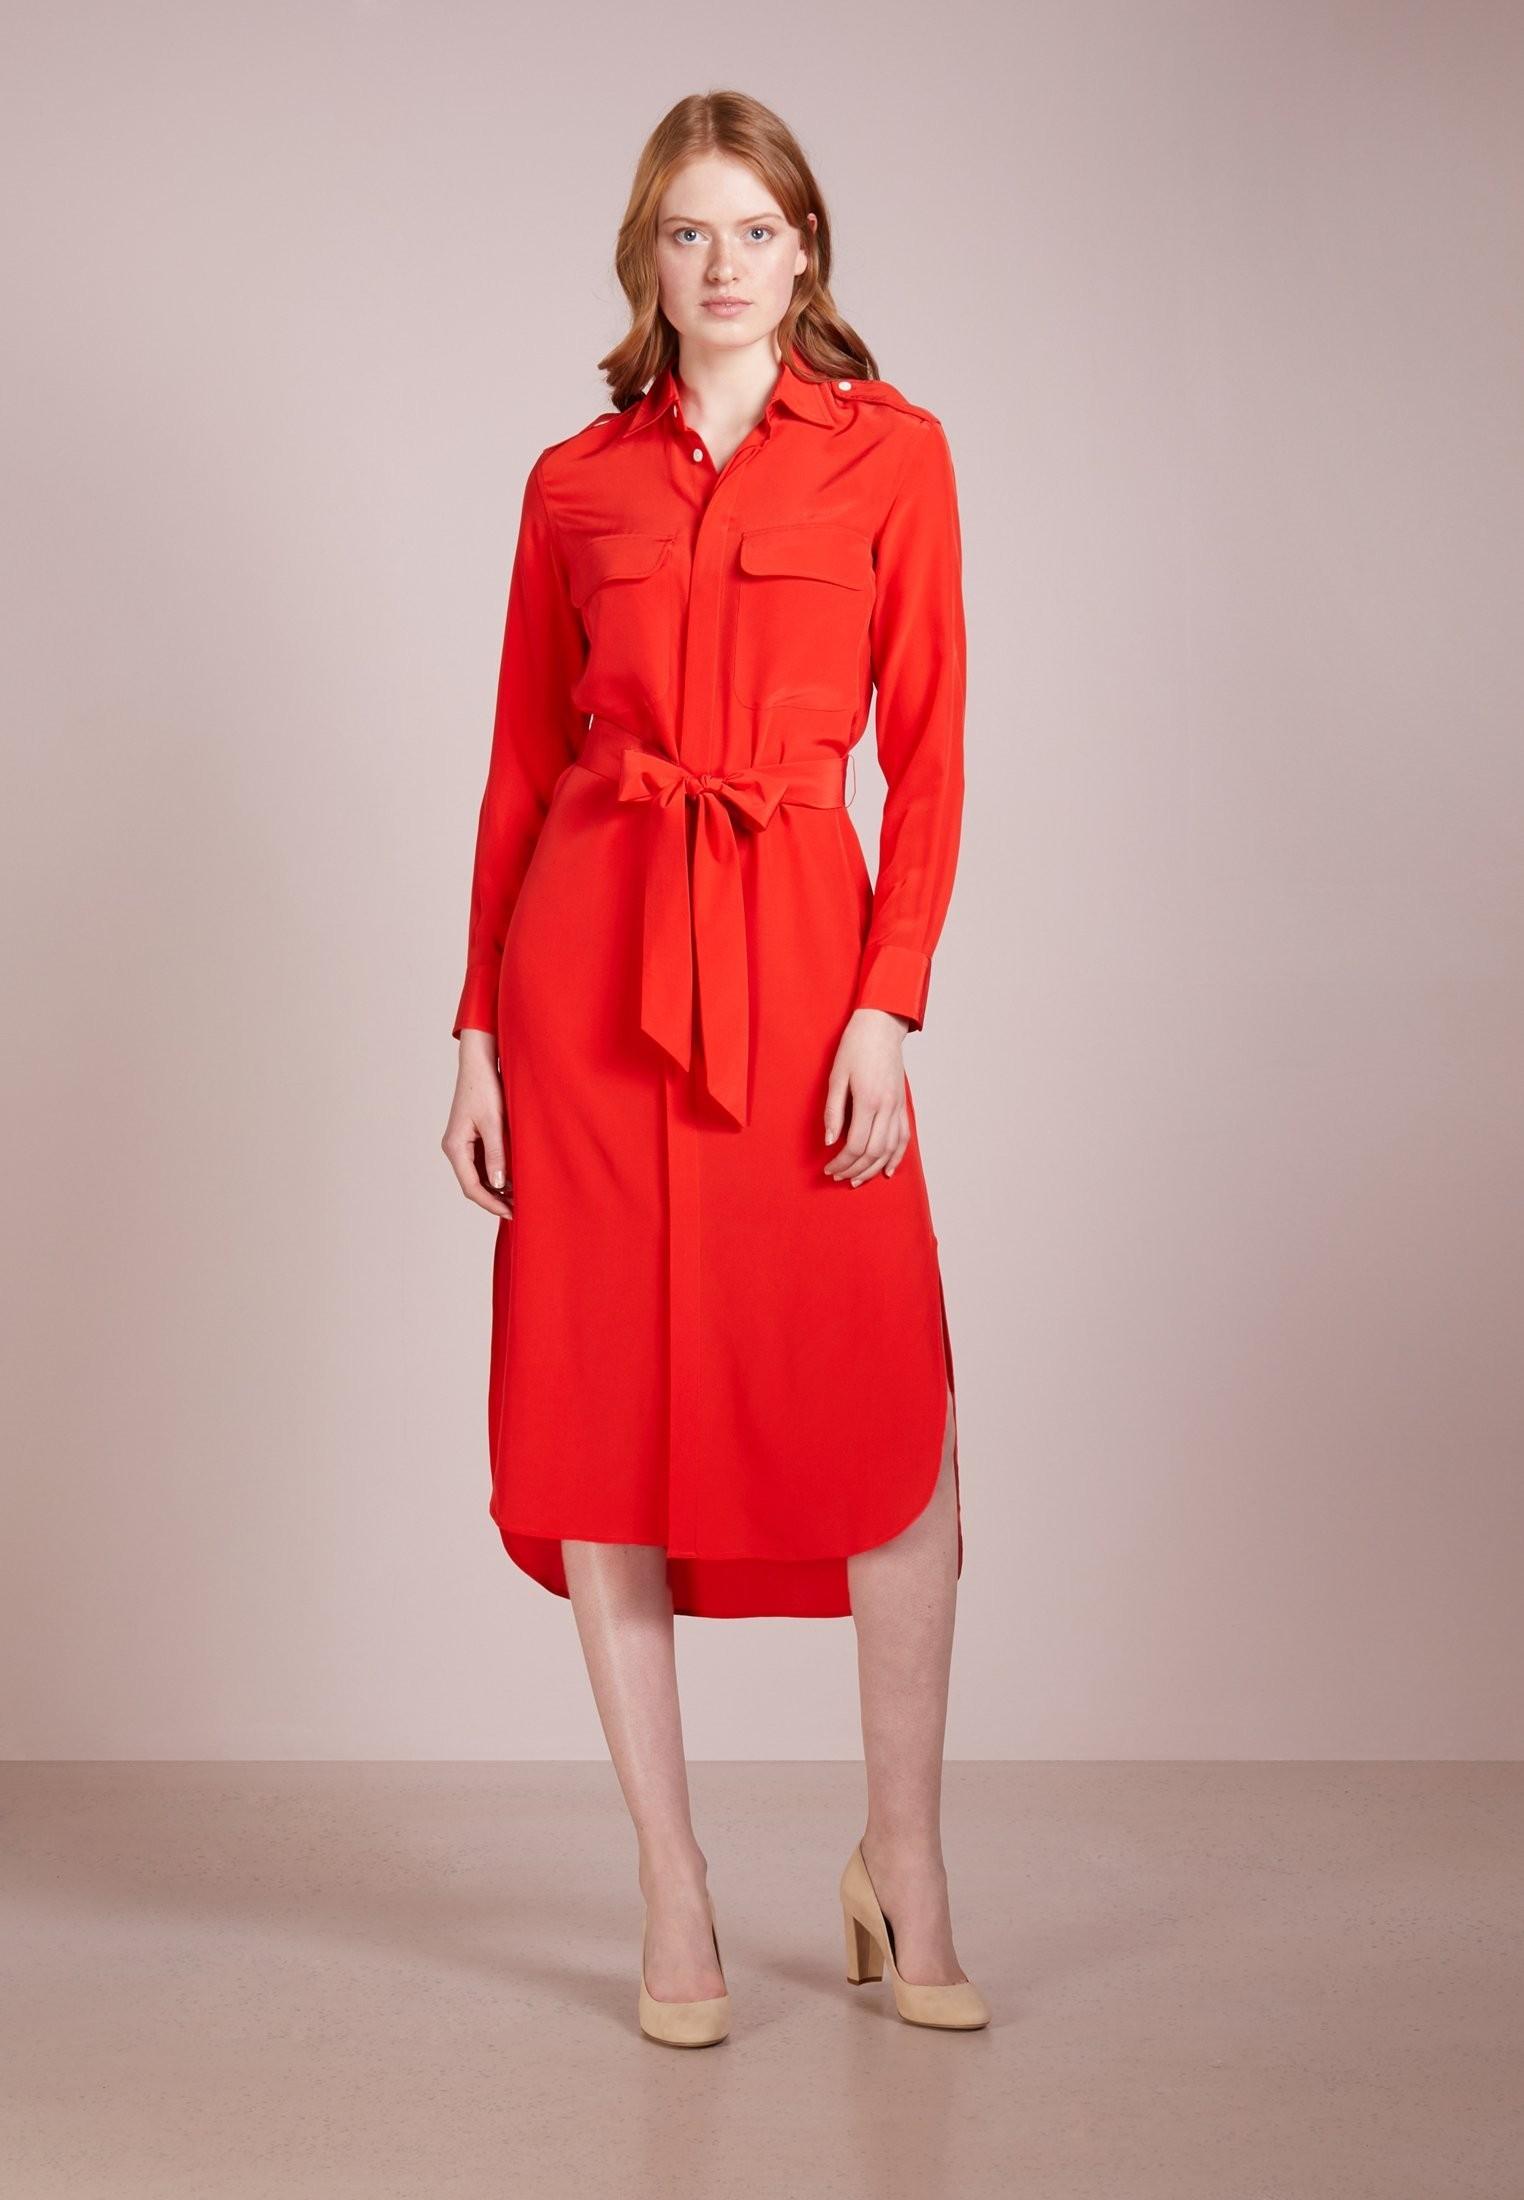 Красное платье: Супер женственные новинки 2019 года в 2019 году